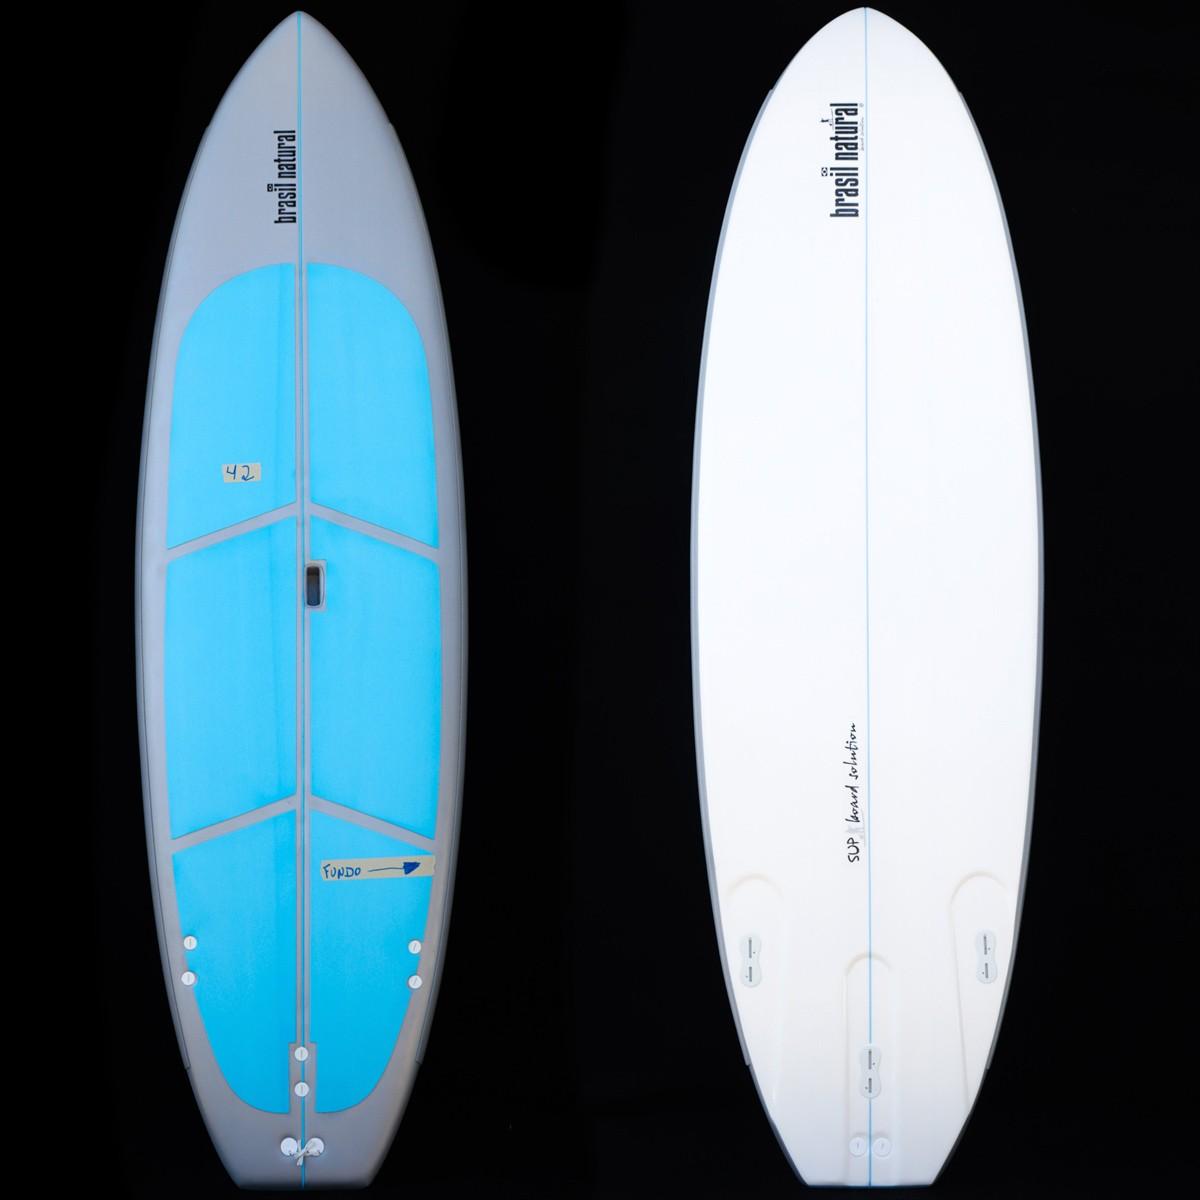 Prancha de stand up paddle 10 pés soft + kit remada - Outlet 42